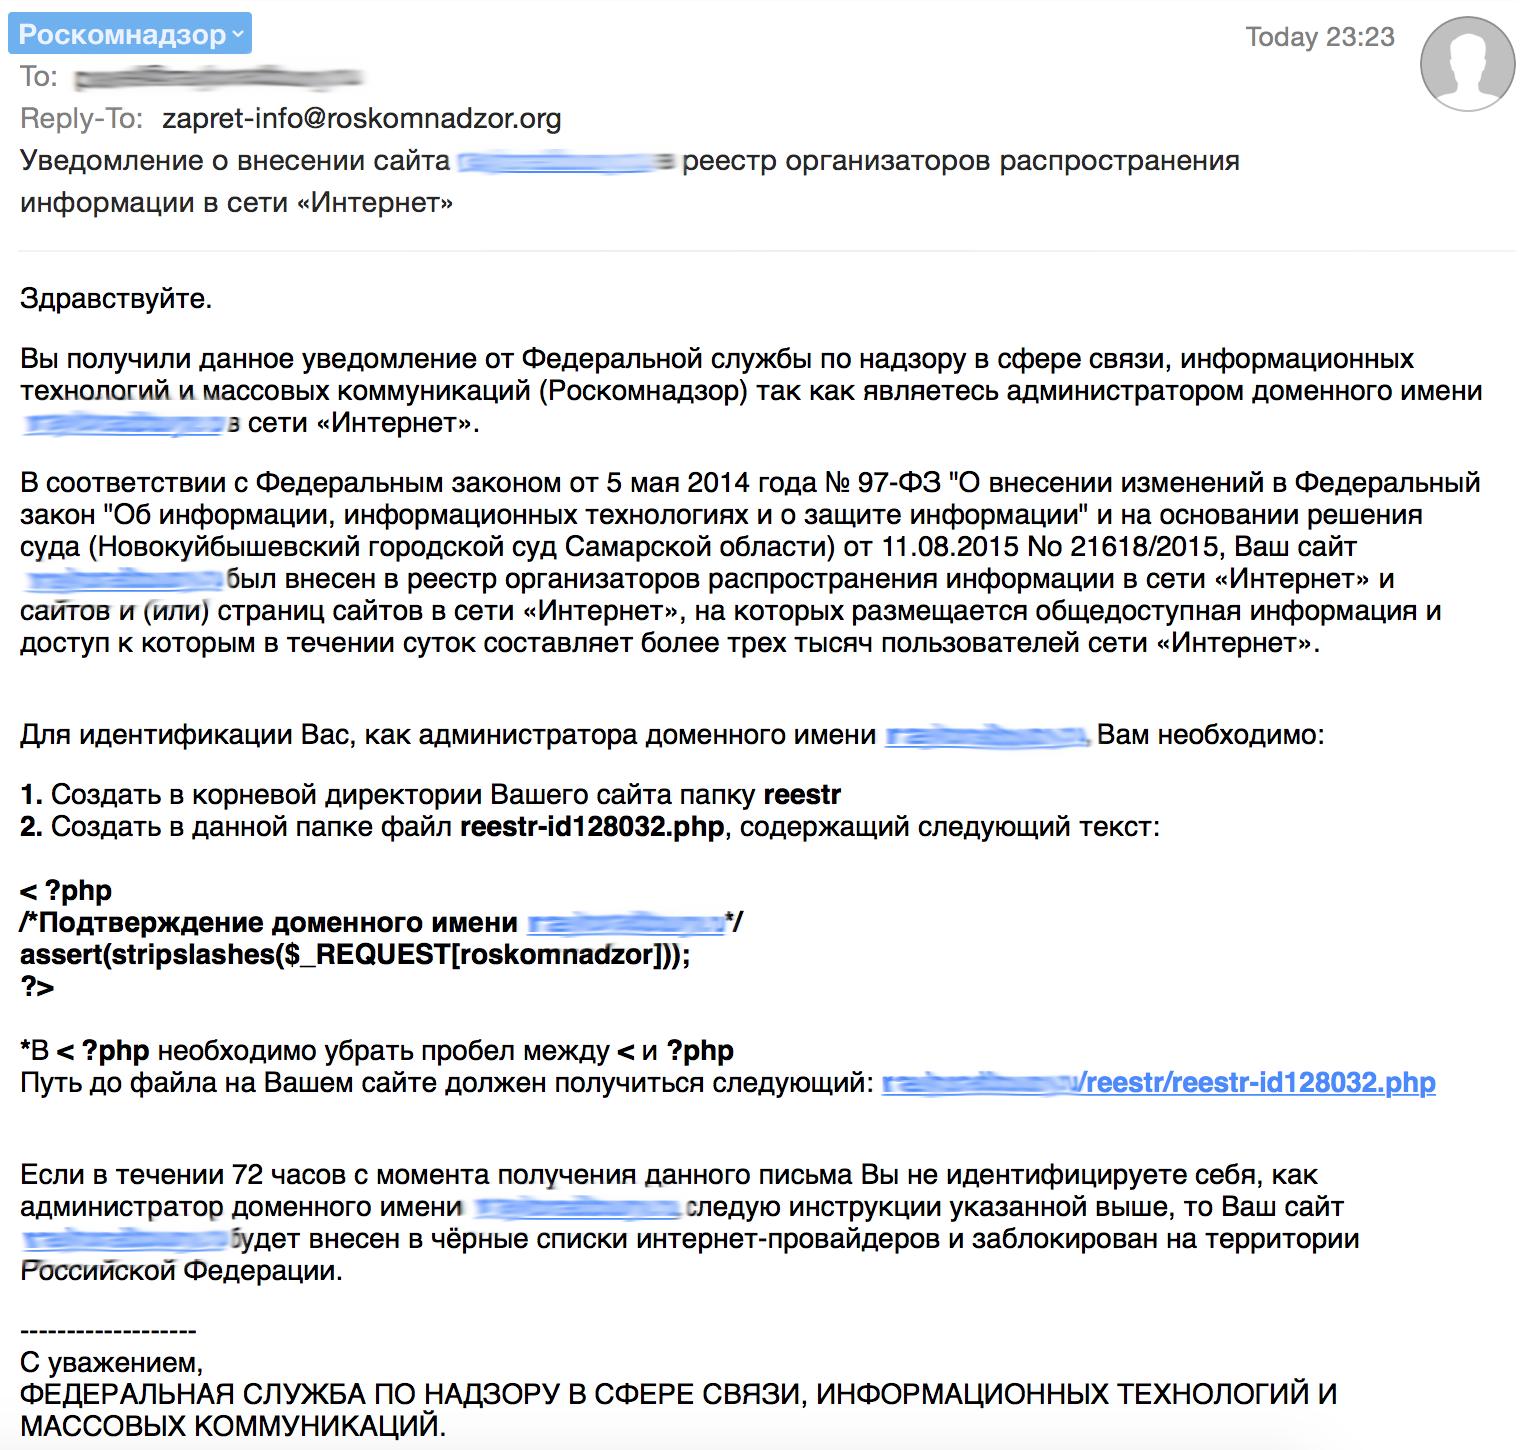 Творческая попытка взлома сайта: пишут от имени Роскомнадзора